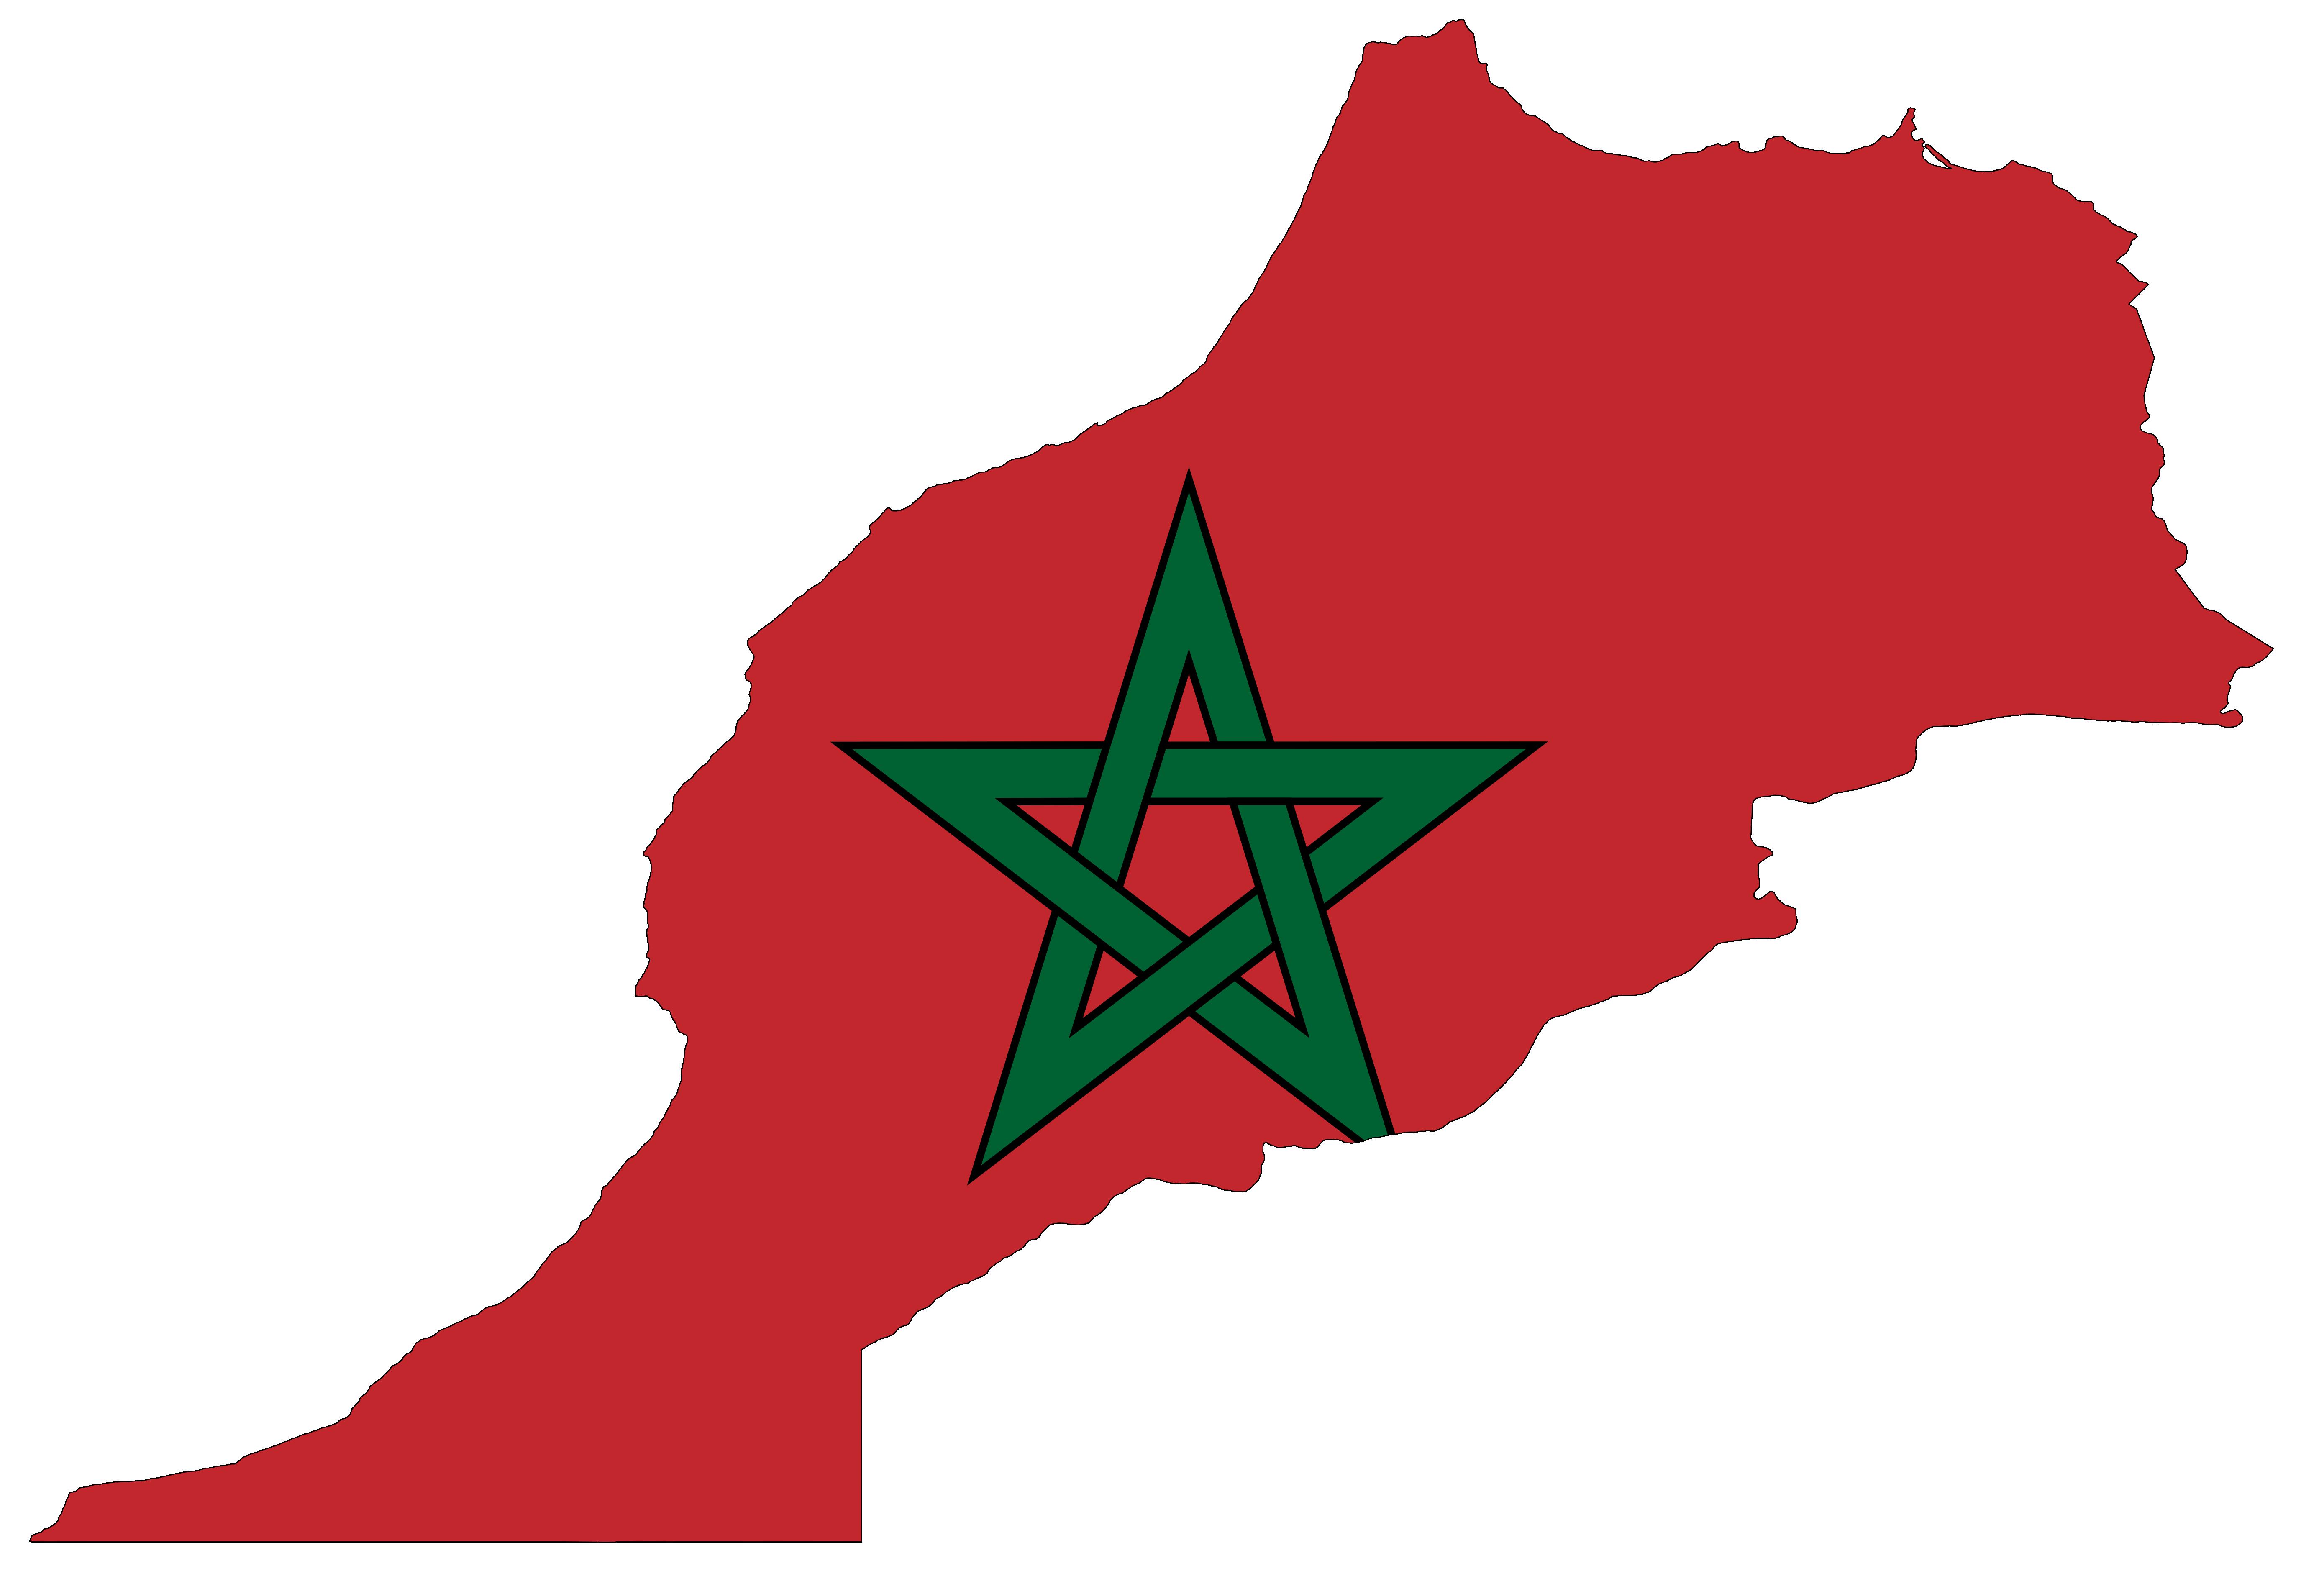 صور علم المغرب , خلفيات